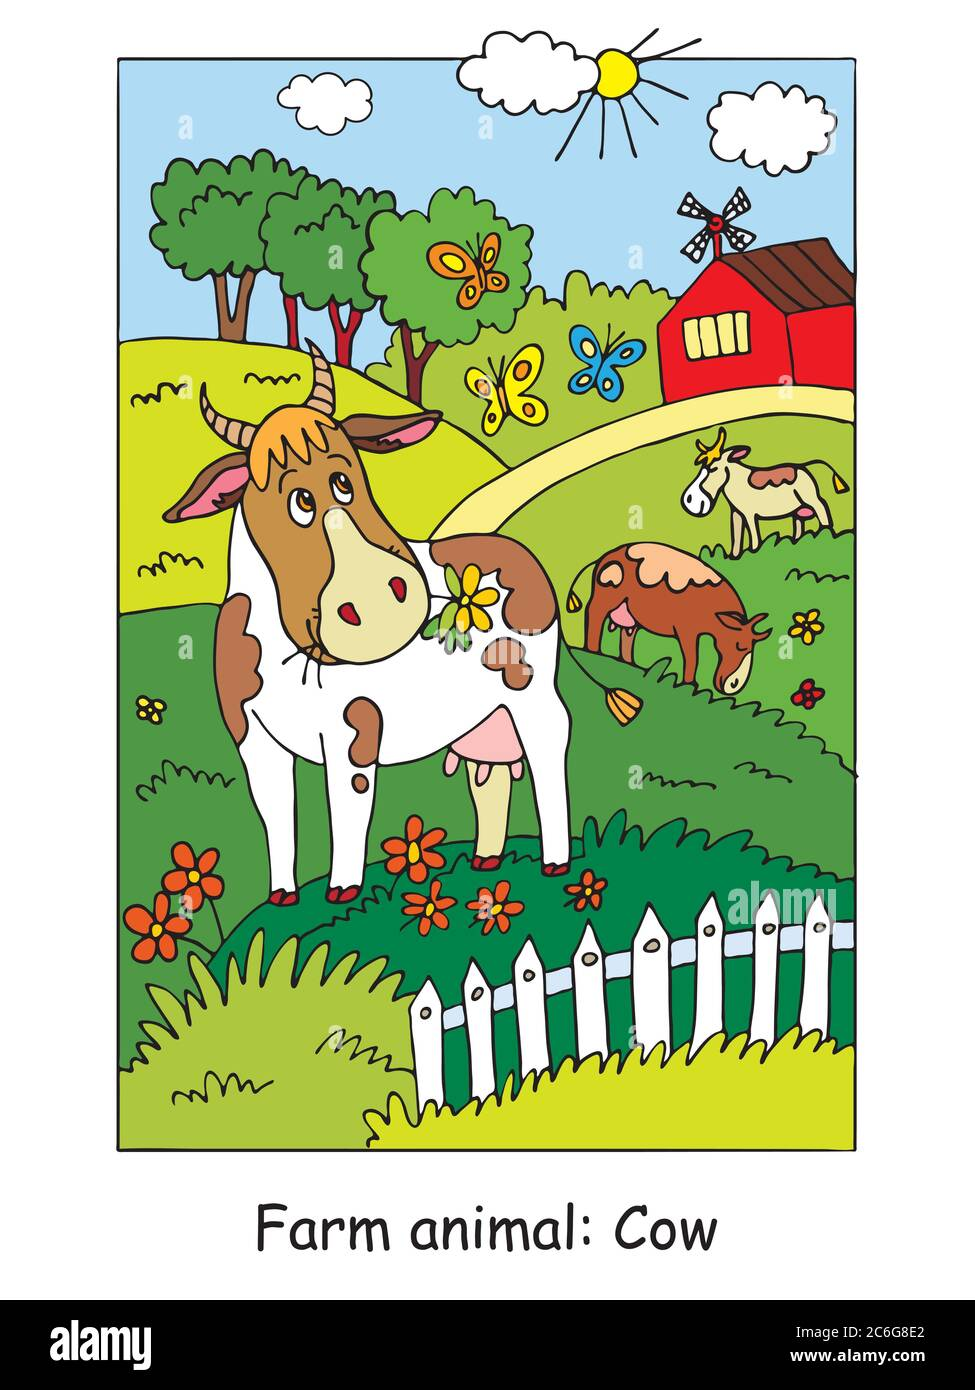 Malvorlagen mit niedlichen Kuh Gracing auf der Farm Wiese. Cartoon Vektorgrafik. Stock Illustration für Design, Vorschulbildung, Print und ga Stock Vektor